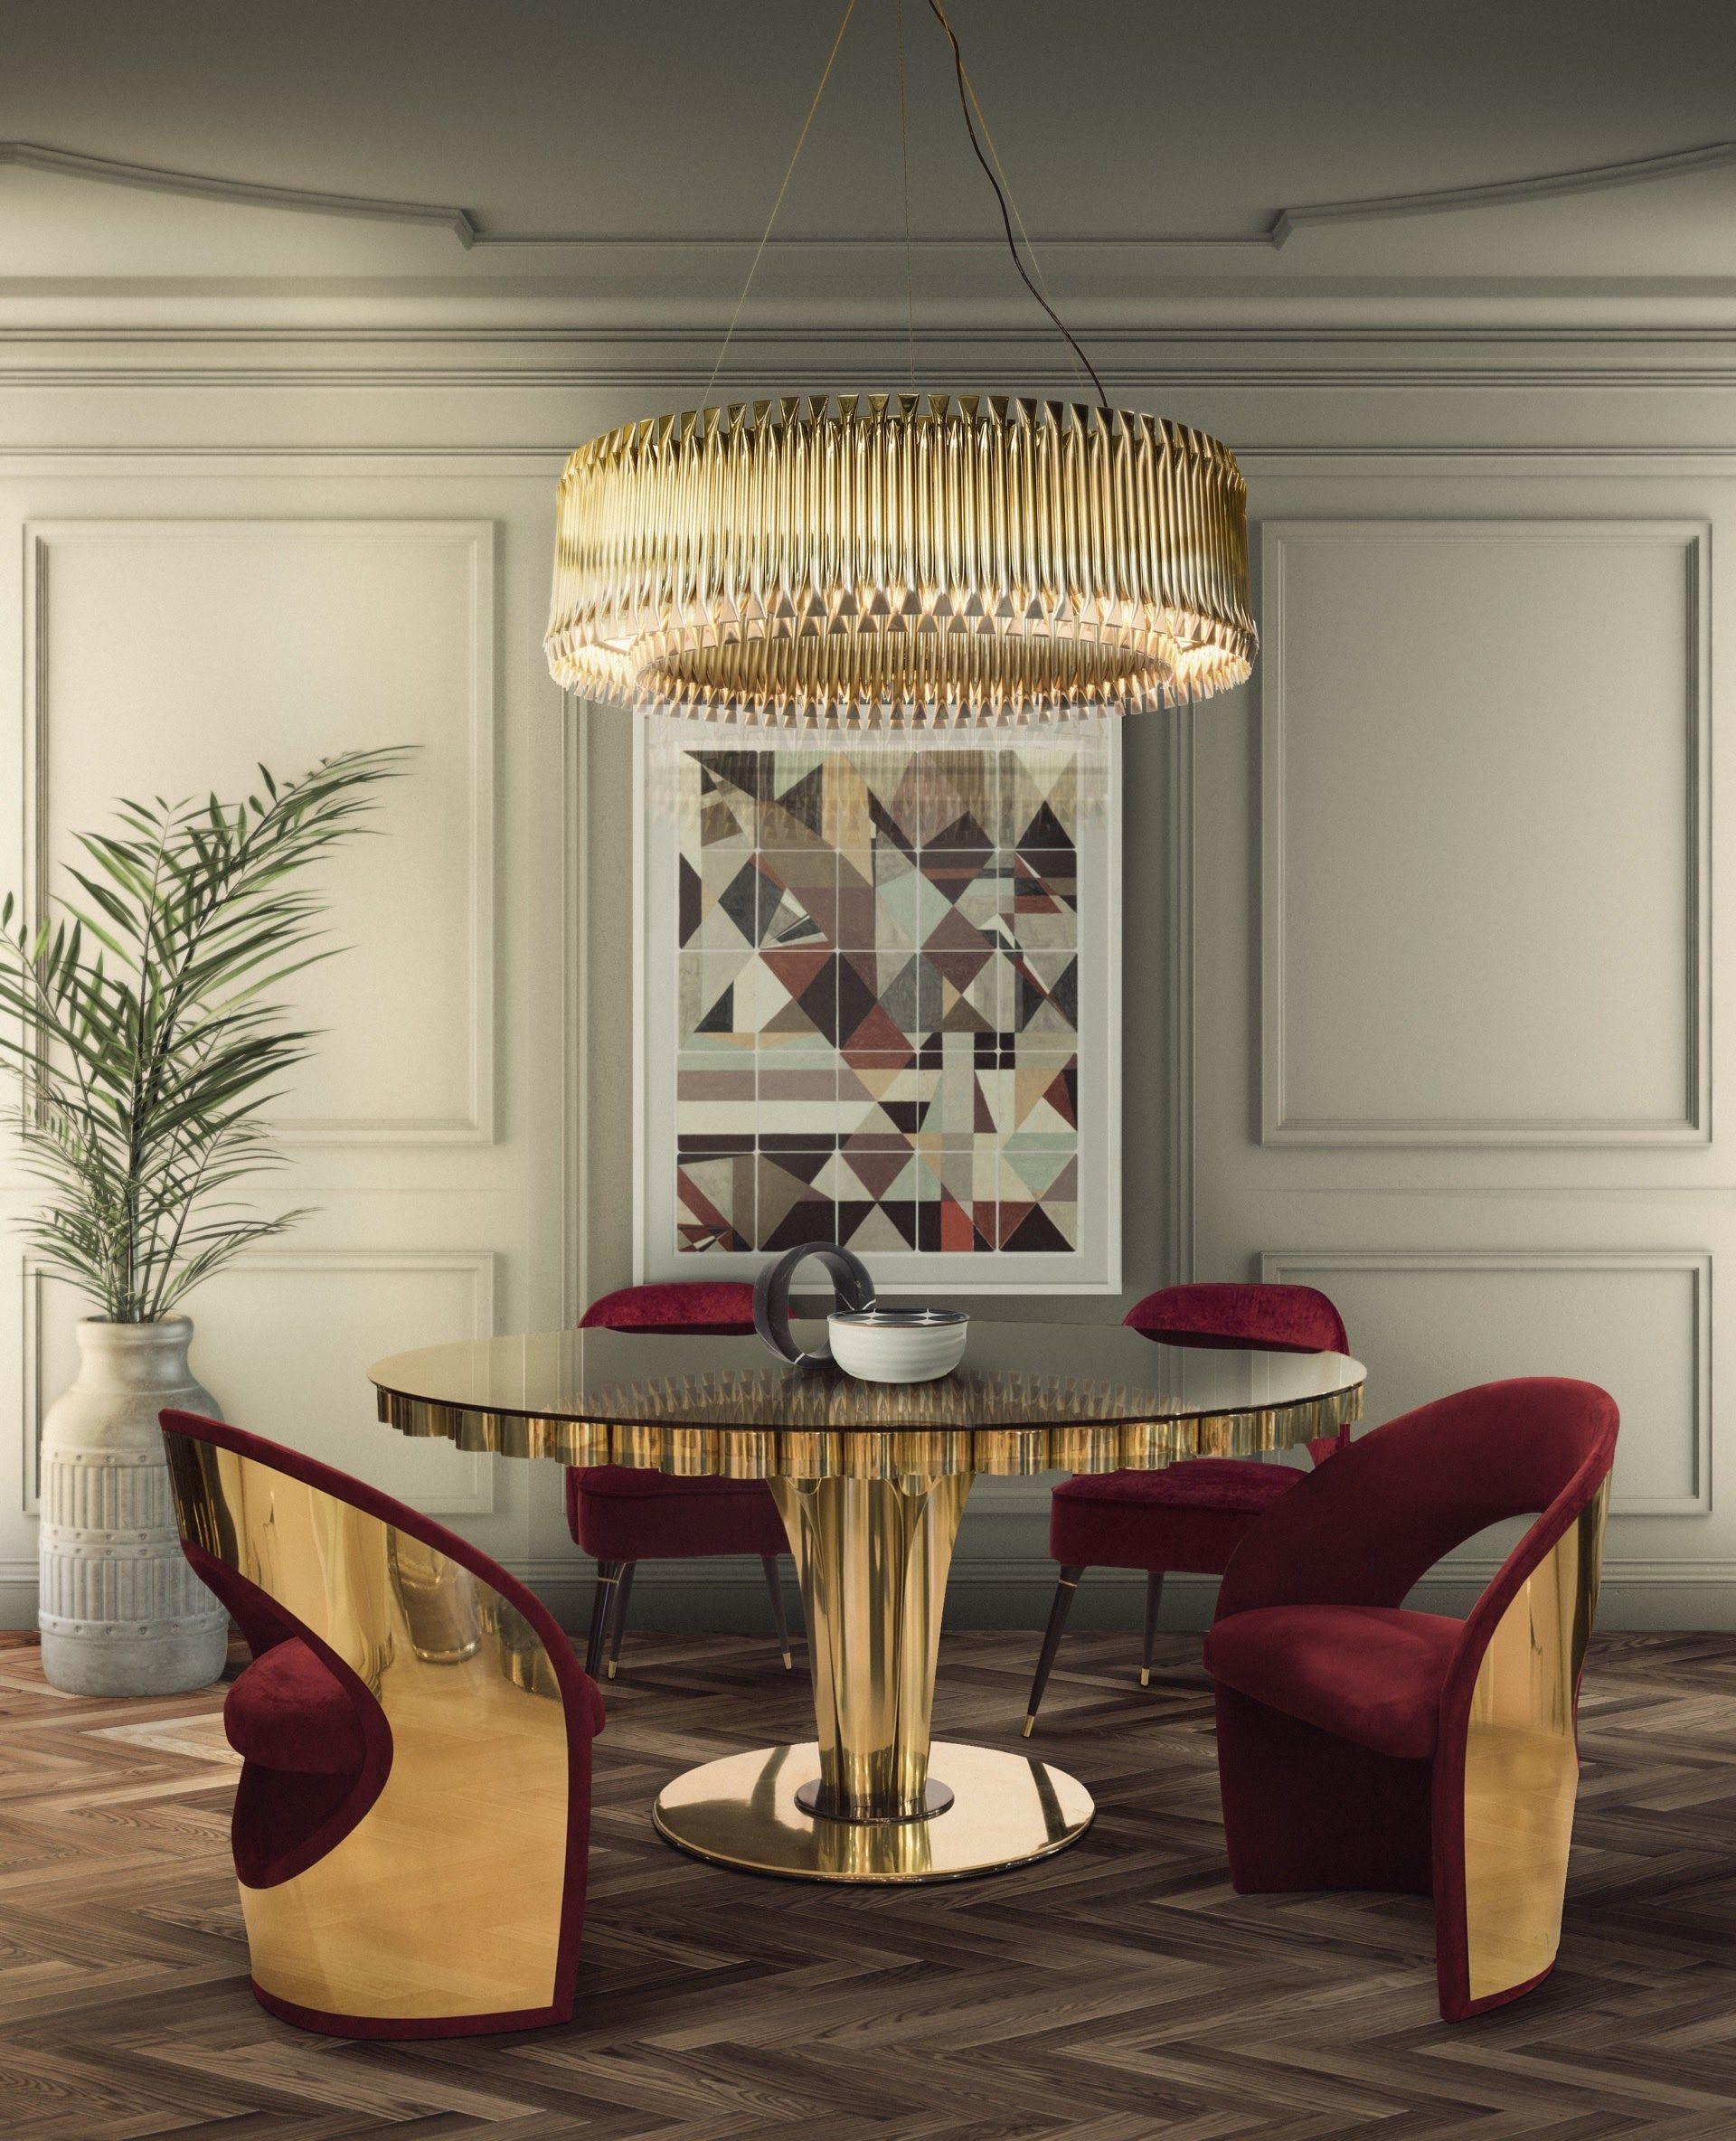 Summer Interior Trends 2017, Summer Interior Design, Summer Interior Decor,  #homedecor #. Dining Room ...